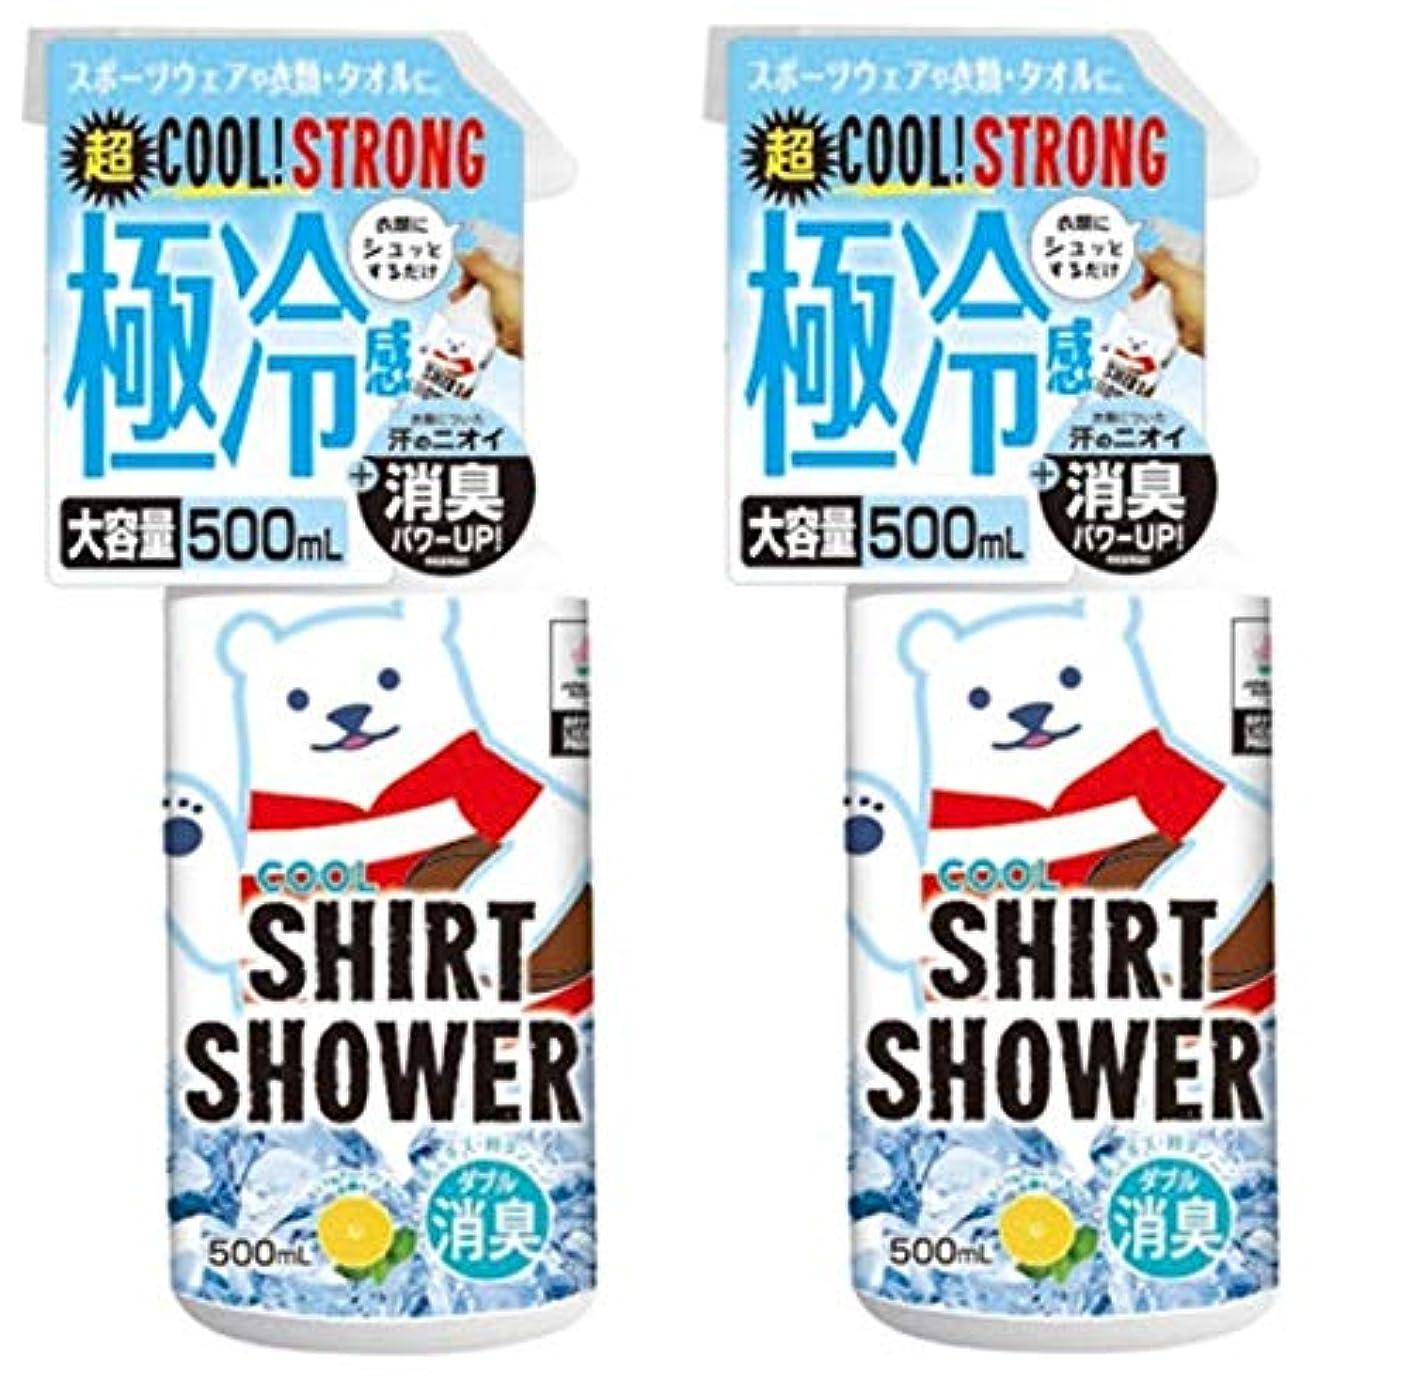 漏れチームアンテナ【数量限定】ラグビー日本代表コラボ ひんやりシャツシャワー ストロングラグビー 500ml (2個)